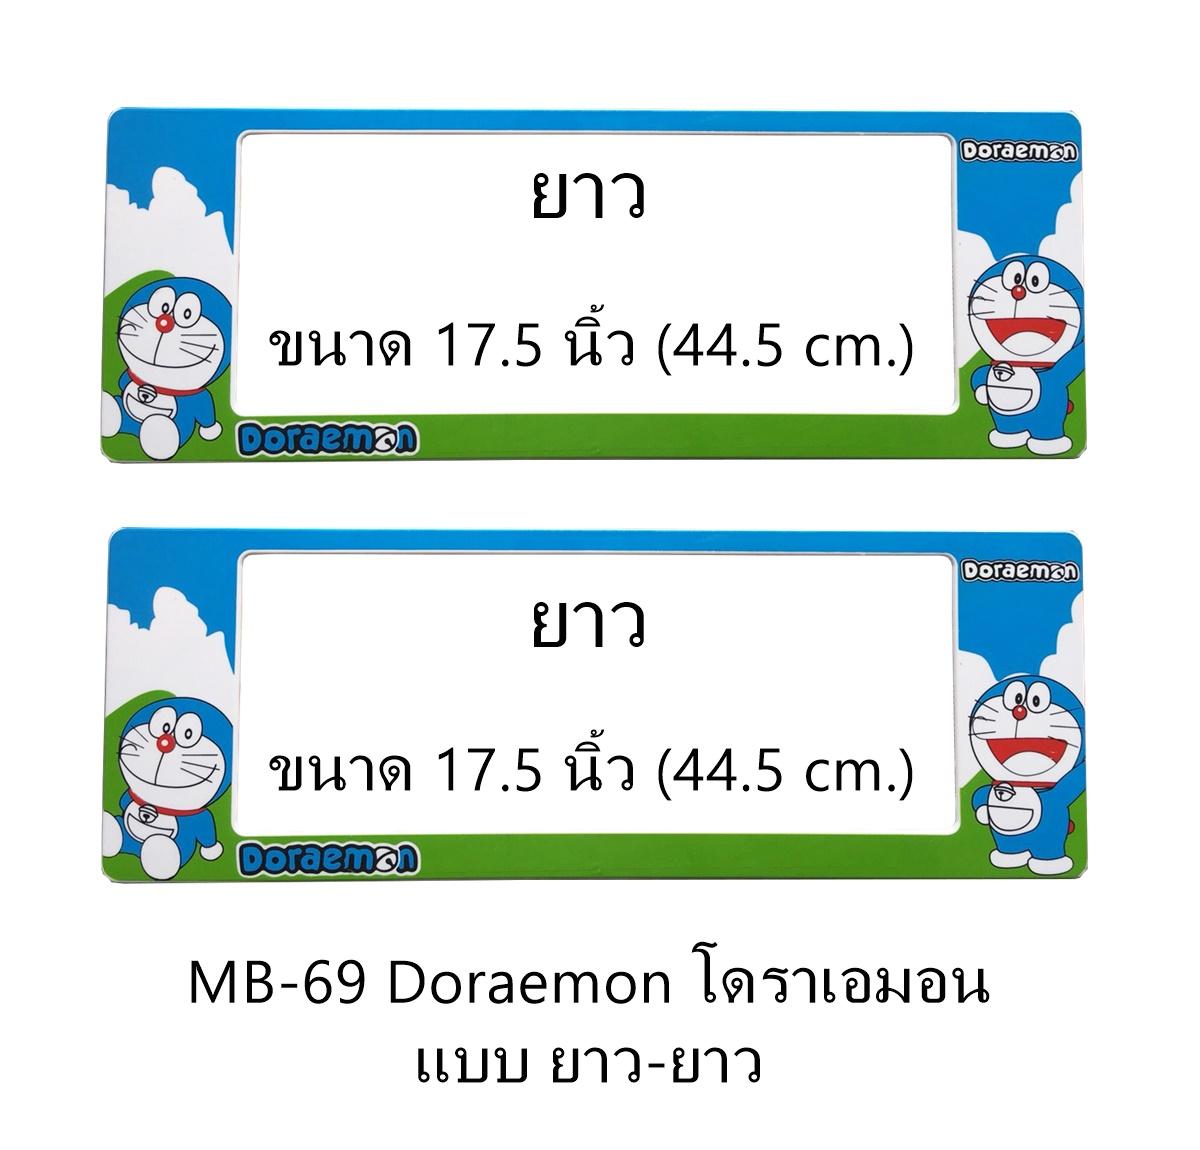 กรอบป้ายทะเบียนรถยนต์กันน้ำ MB-69 Doraemon มี 3 แบบยาวยาว ระบบล็อค 8 จุด อะไหล่ครบ